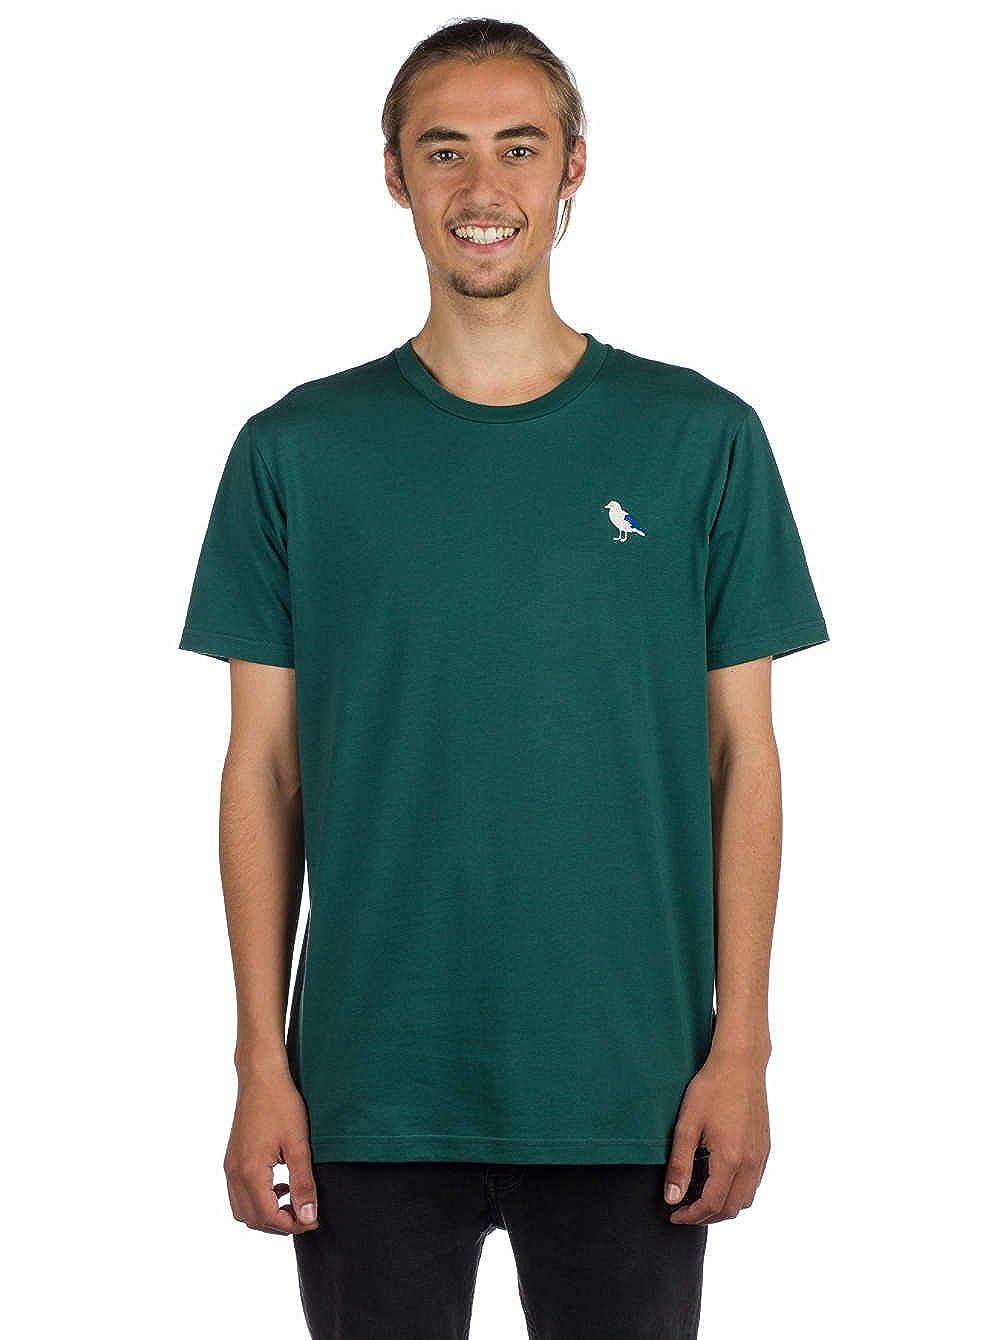 Cleptomanicx Herren T-Shirt T-Shirt T-Shirt Embro Gull T-Shirt B07D583H4B T-Shirts Flut Schuhe Liste 583208